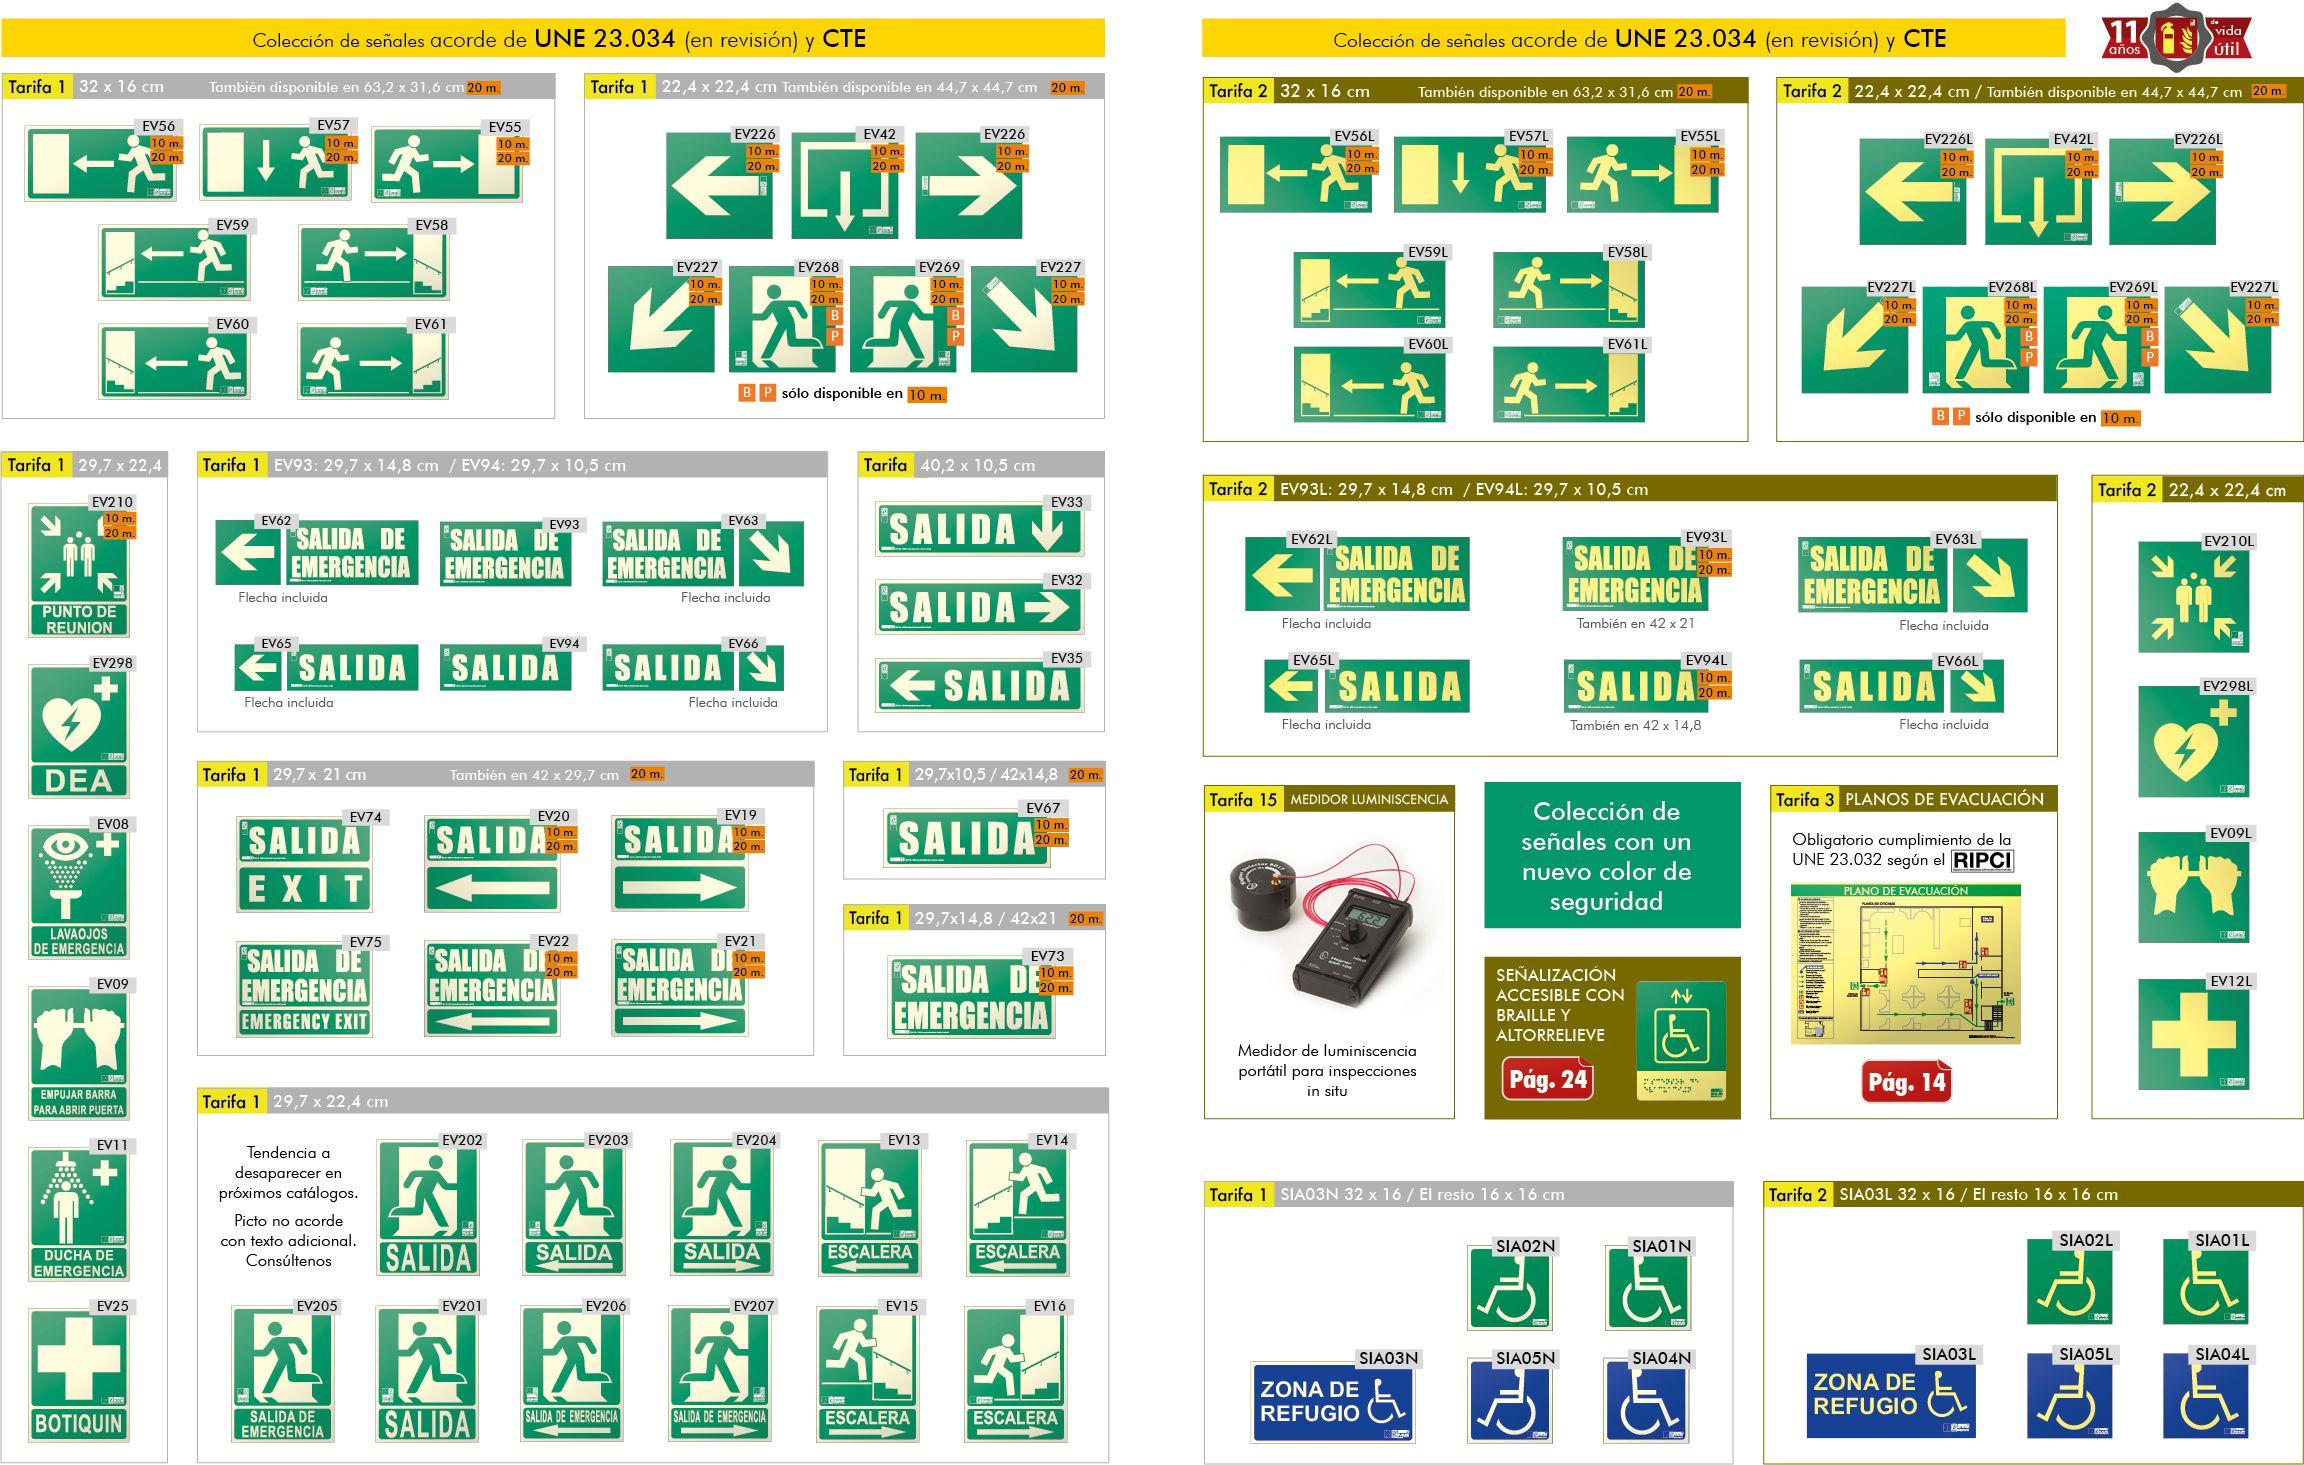 Señales de evacuación de la norma UNE 23033